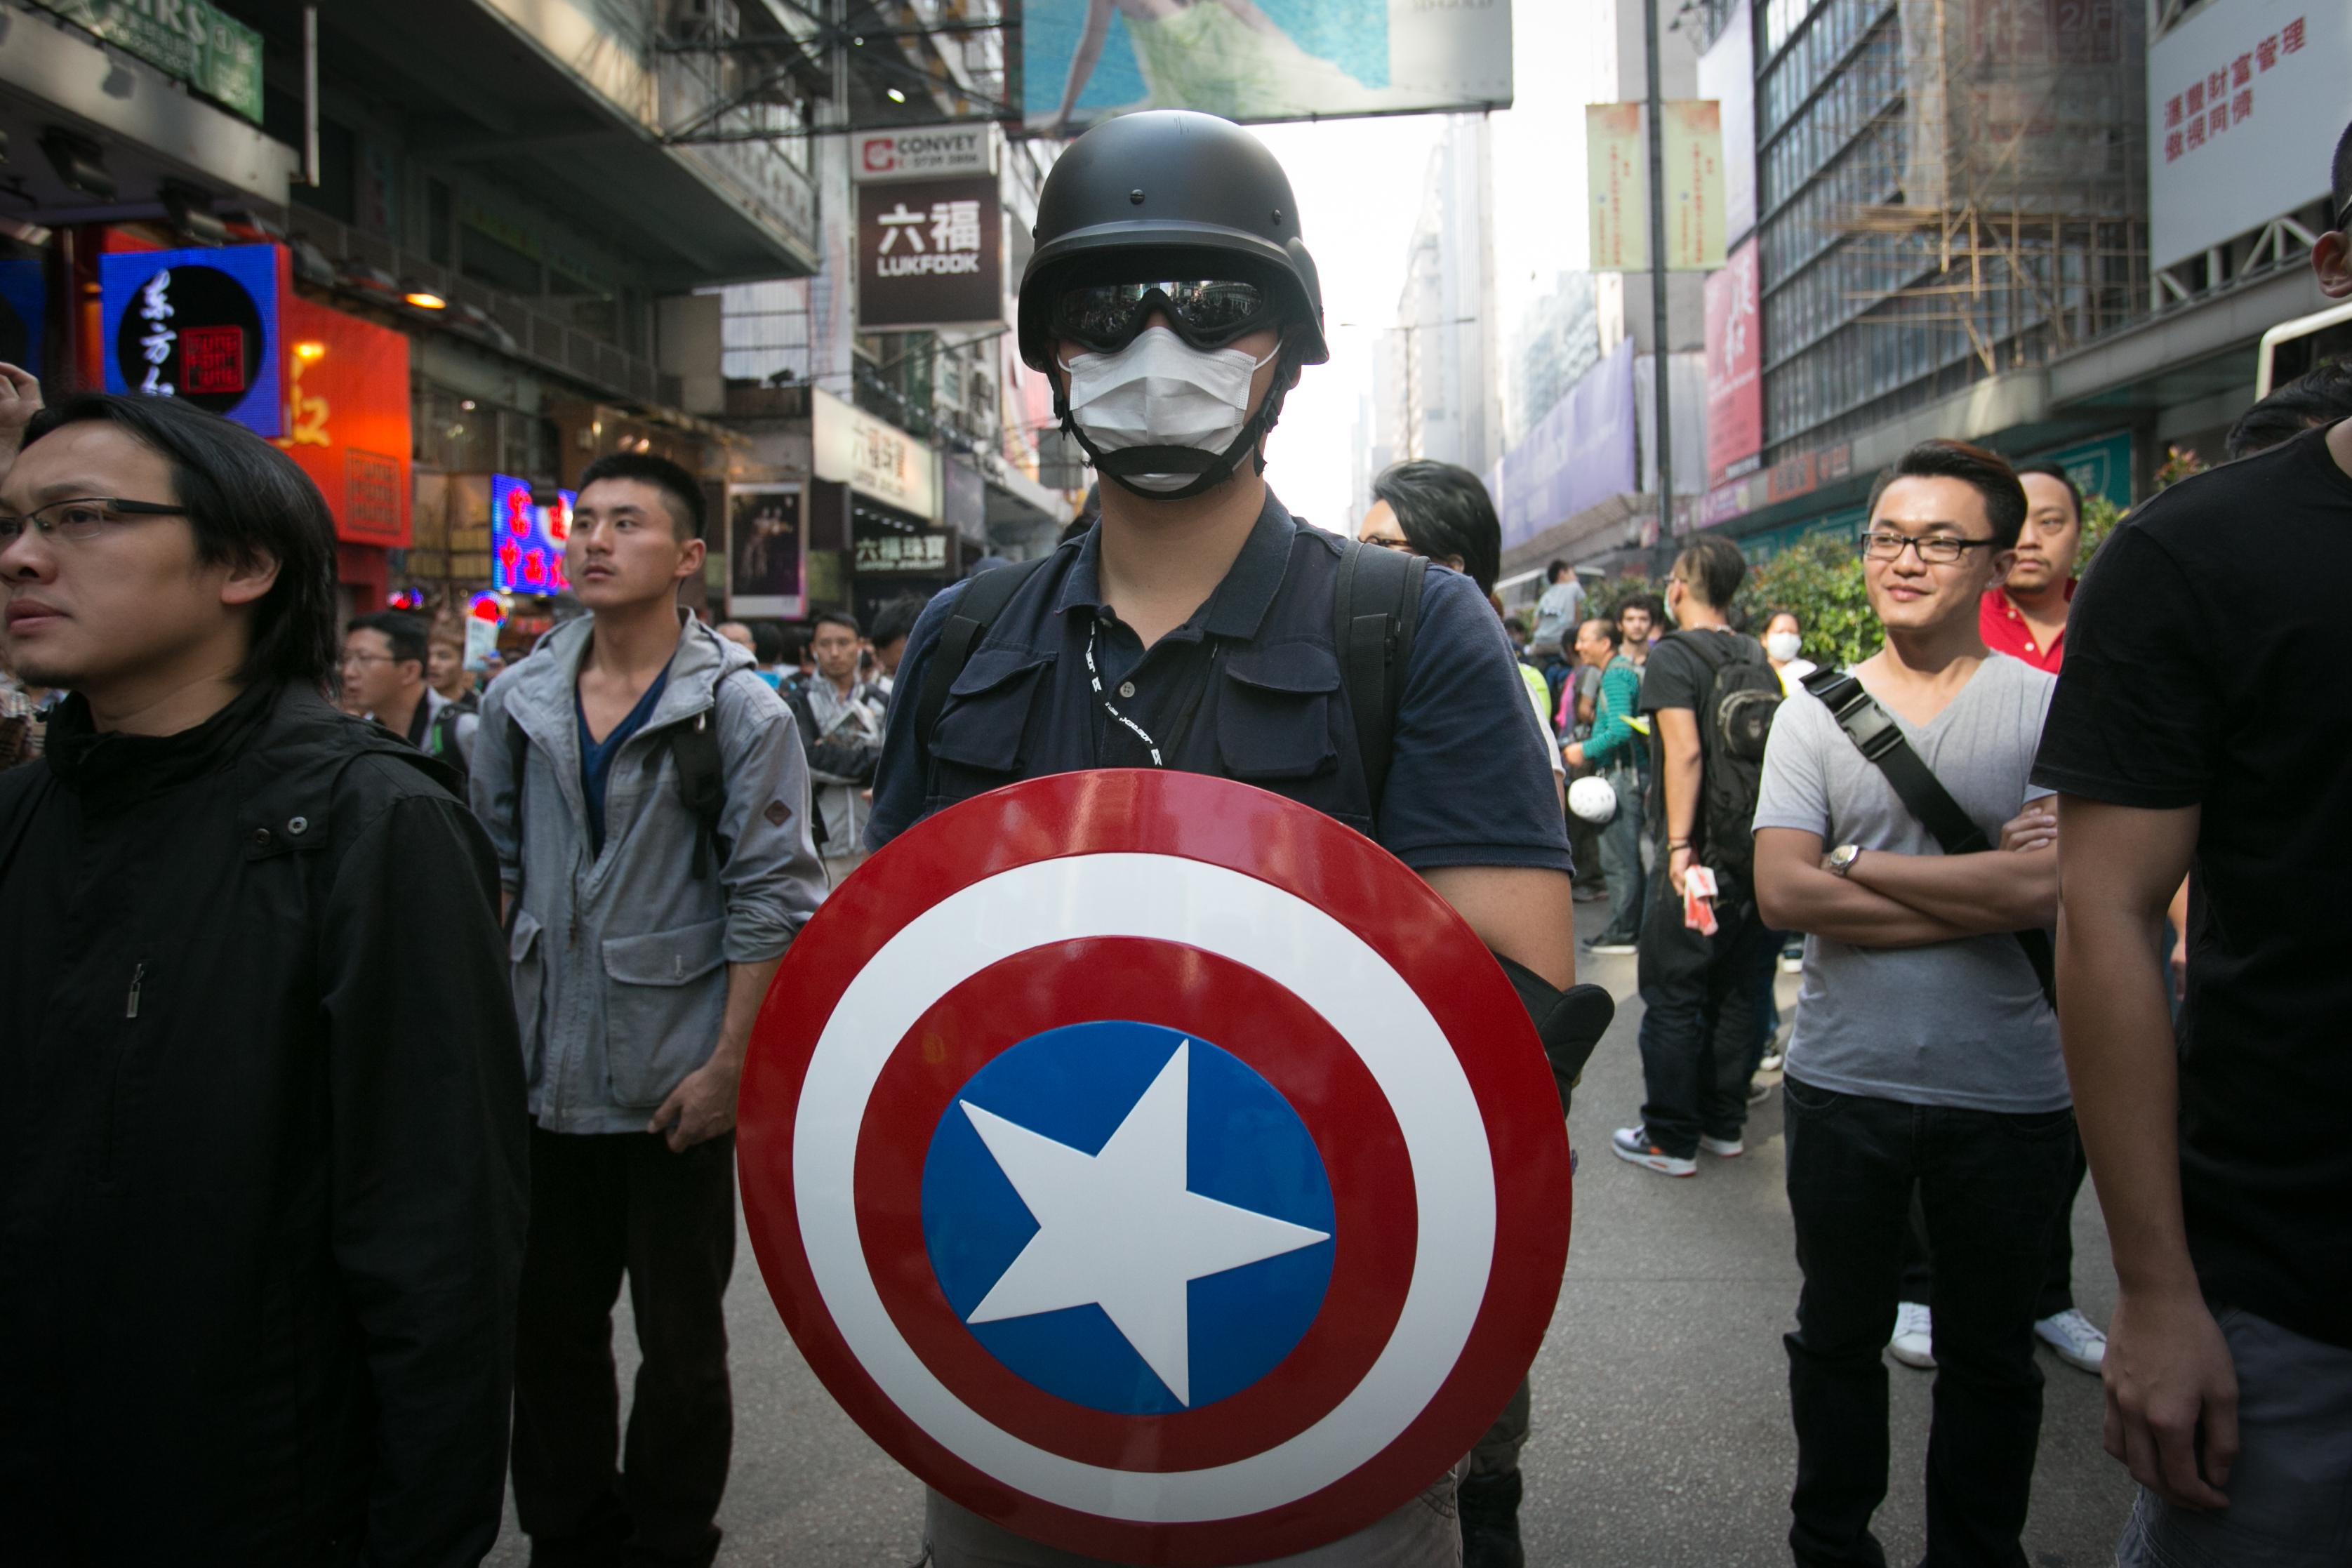 Демократический активист держит щит «Капитана Америки» через несколько часов после того, как полиция Гонконга убрала все баррикады в районе Монгкок 17 октября 2014 года. Фото: Benjamin Chasteen/Epoch Times